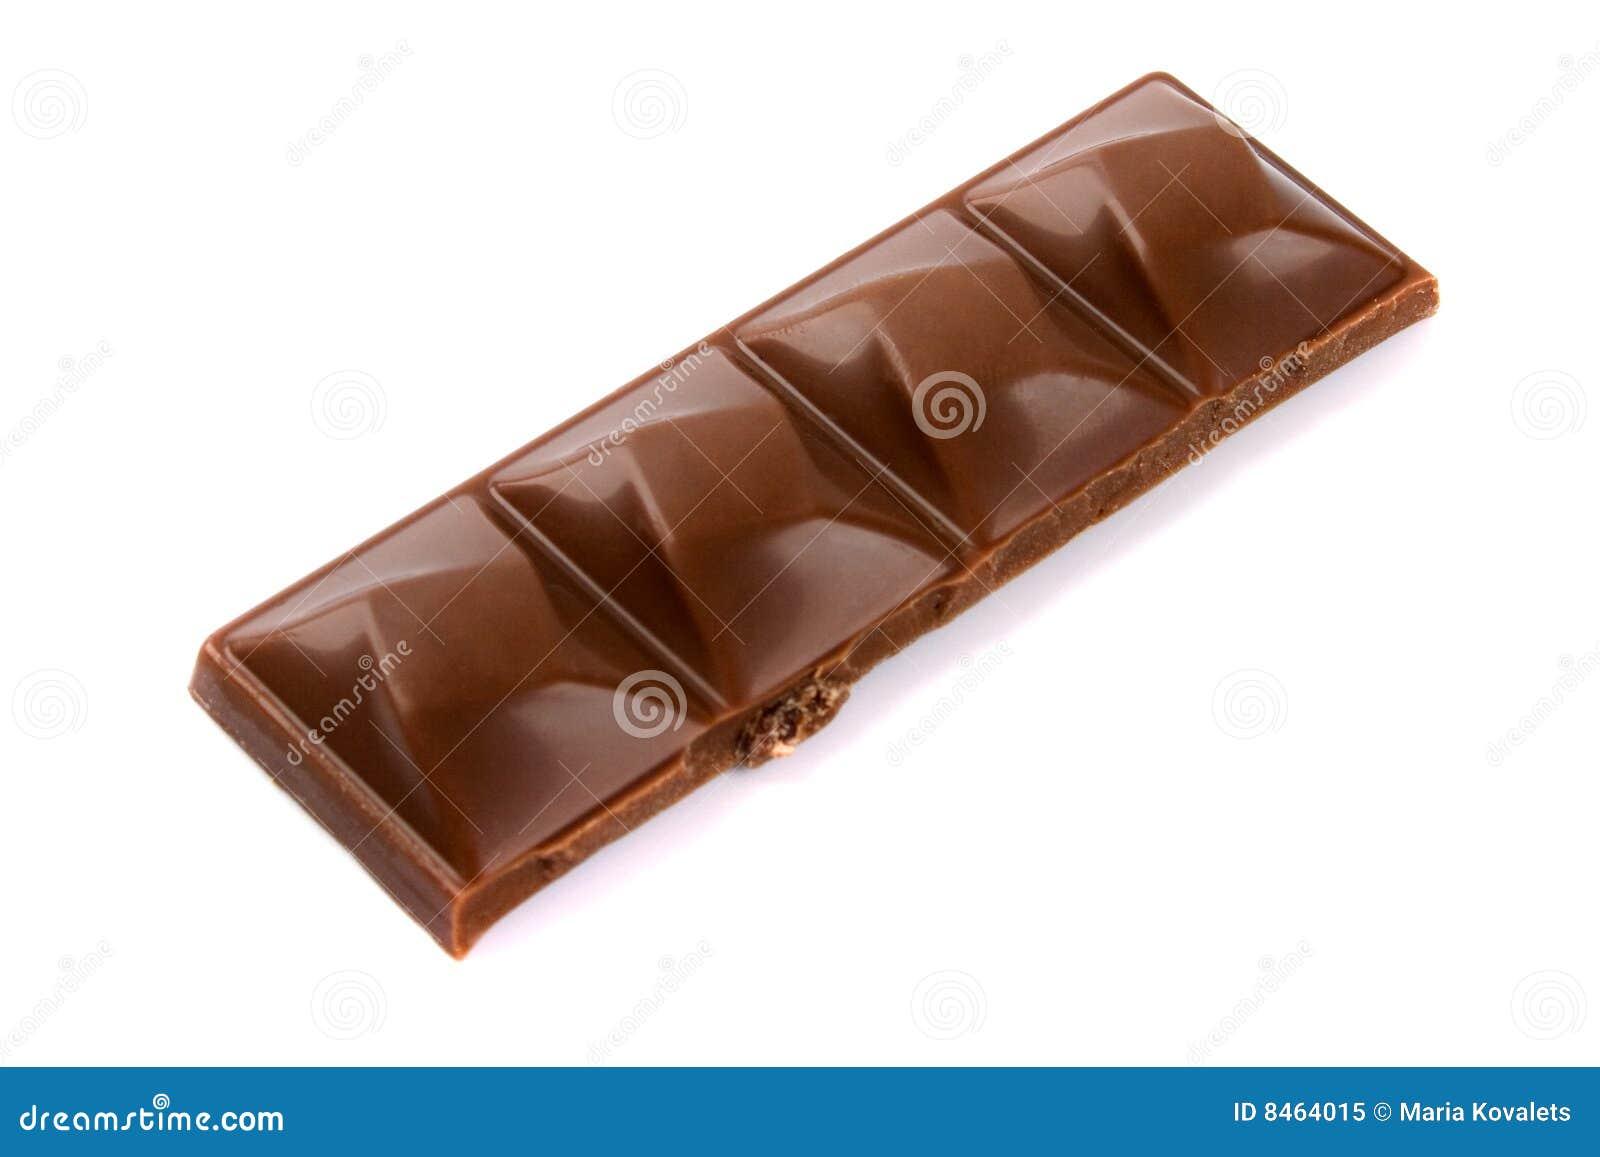 Chokladskiva